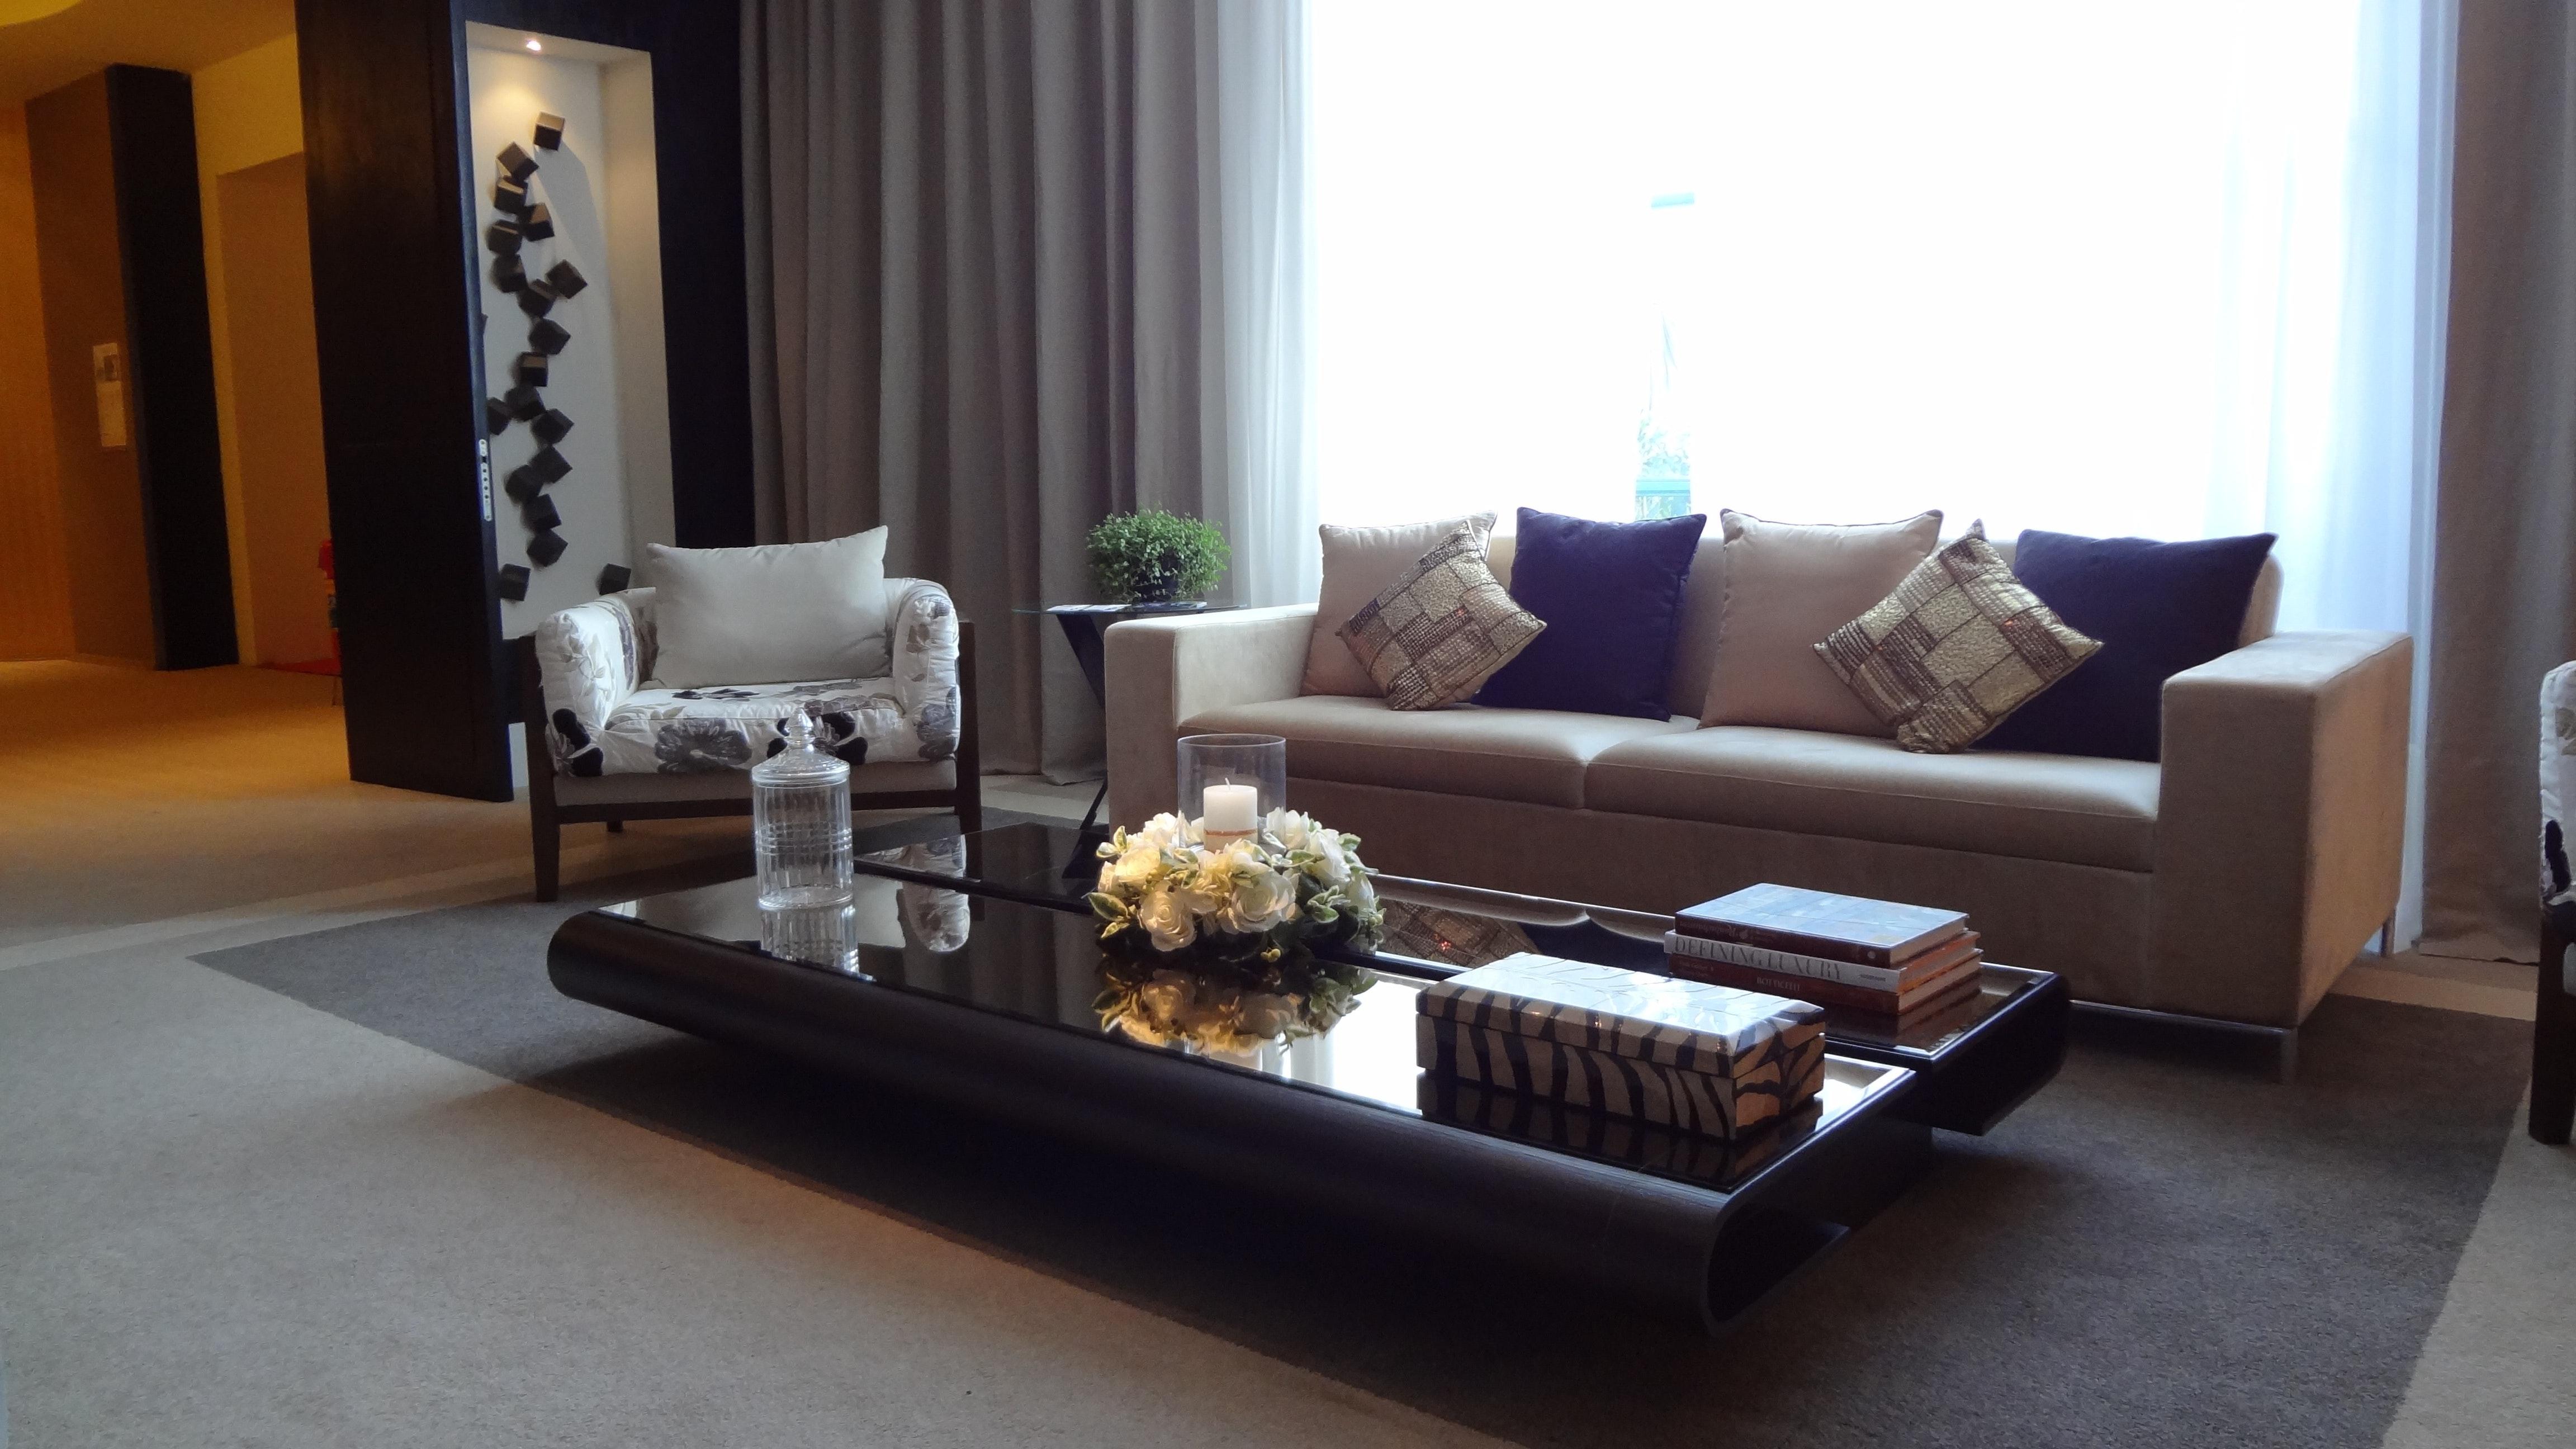 Brown Fabric 2 Seat Sofa Near Window Free Stock Photo